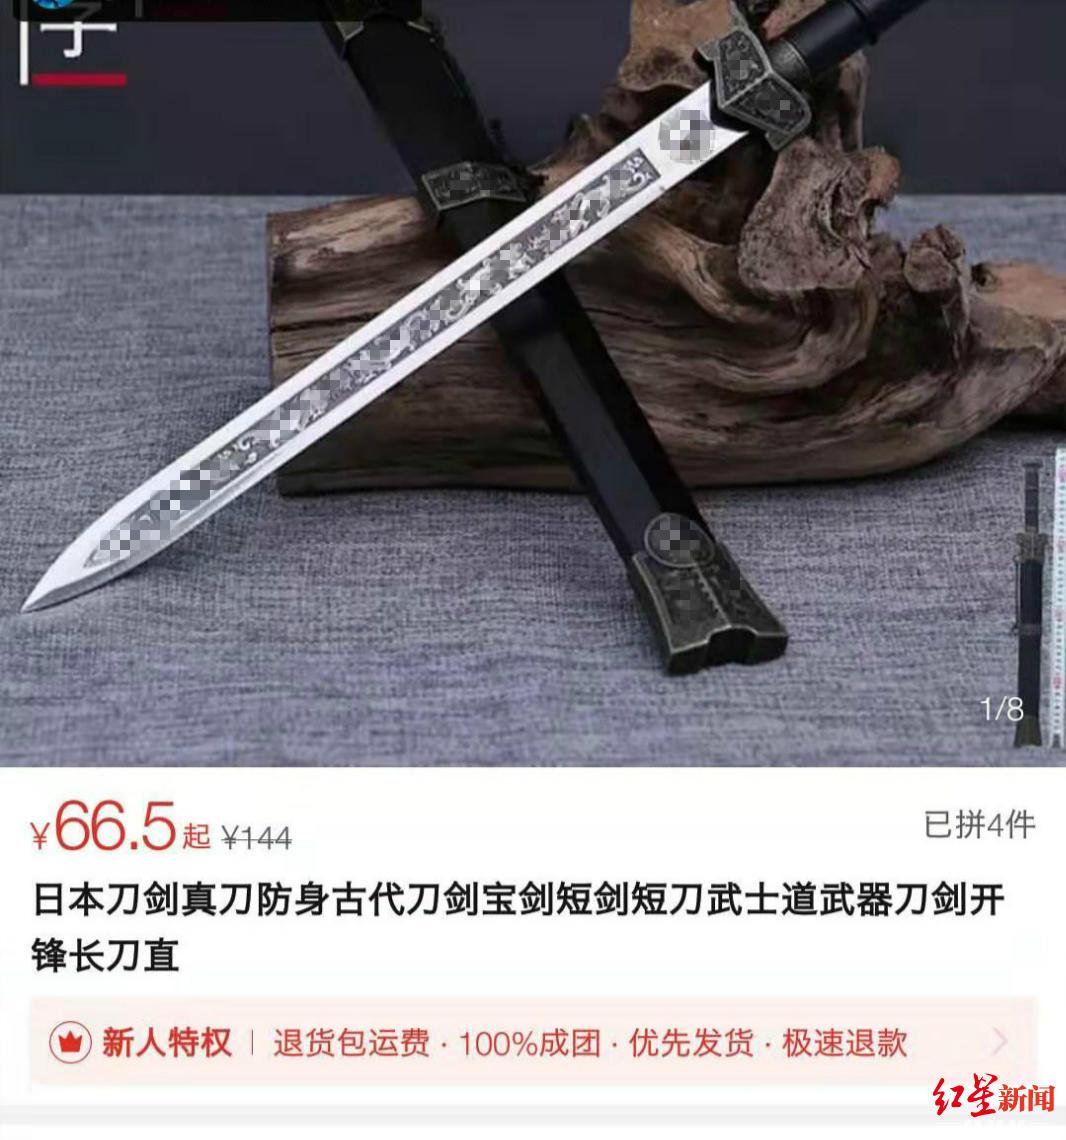 电商平台仍能搜到在售的约束刀具